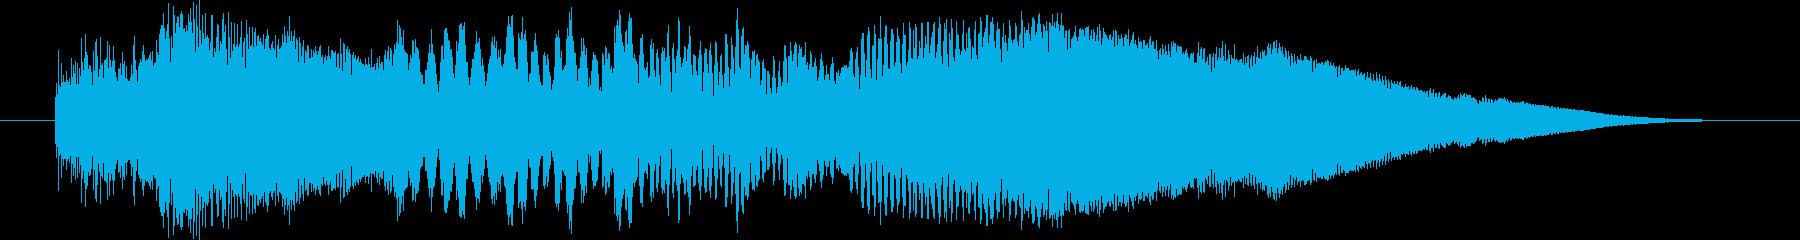 ホラーやアクションゲームのクリア時のジ…の再生済みの波形